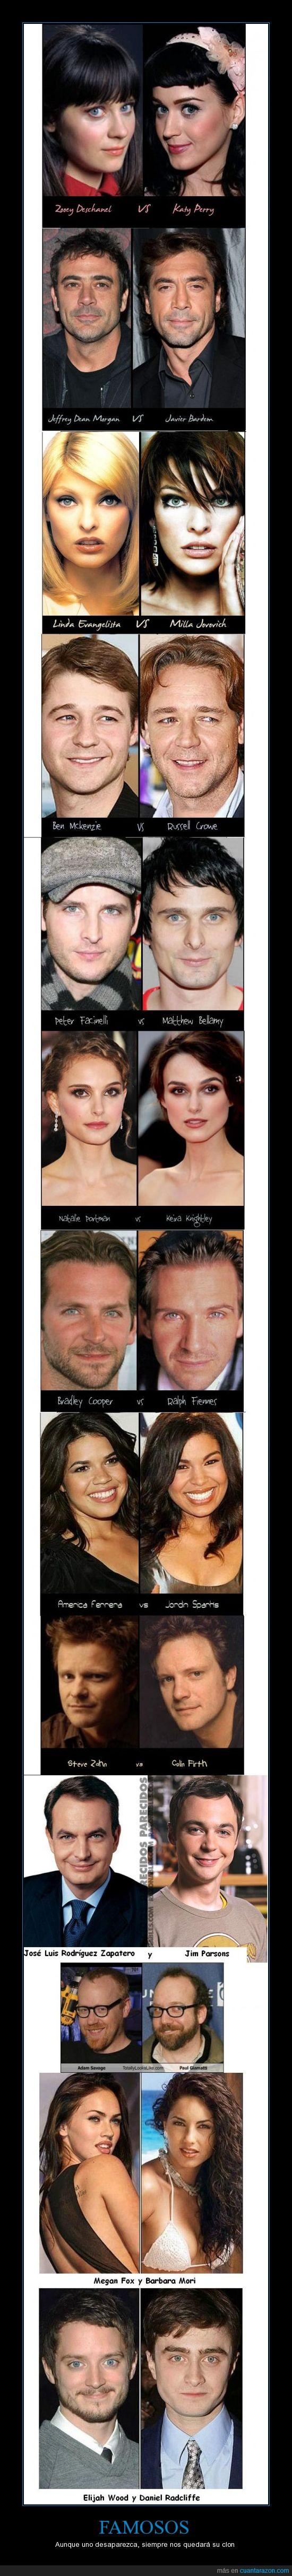 actores,caras,famosos,parecidos